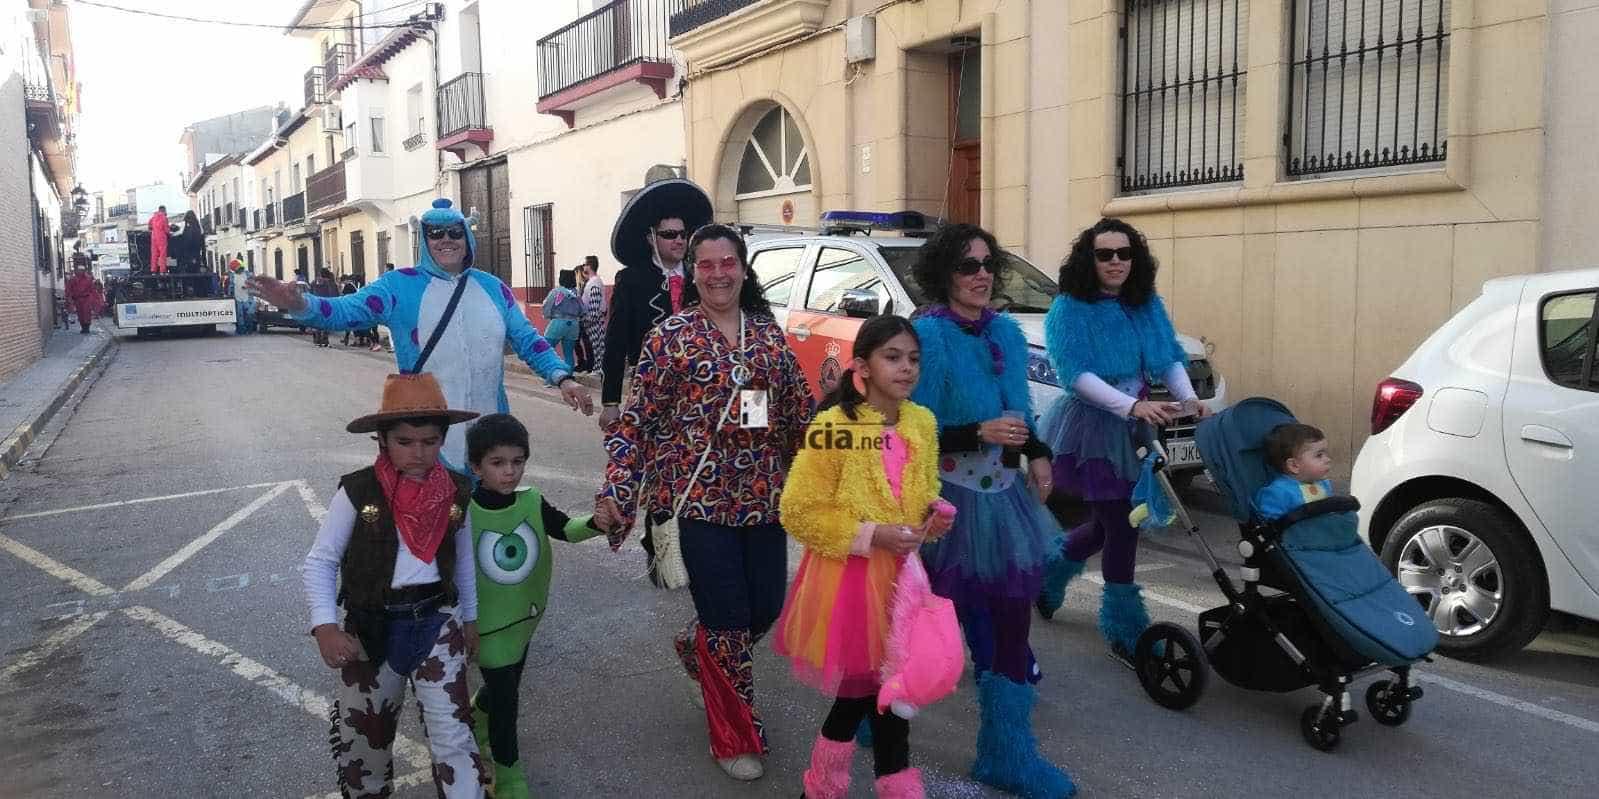 Carnaval herencia 2020 pasacalles domingo deseosas 9 - El Domingo de las Deseosas invita a todo el mundo al Carnaval de Herencia